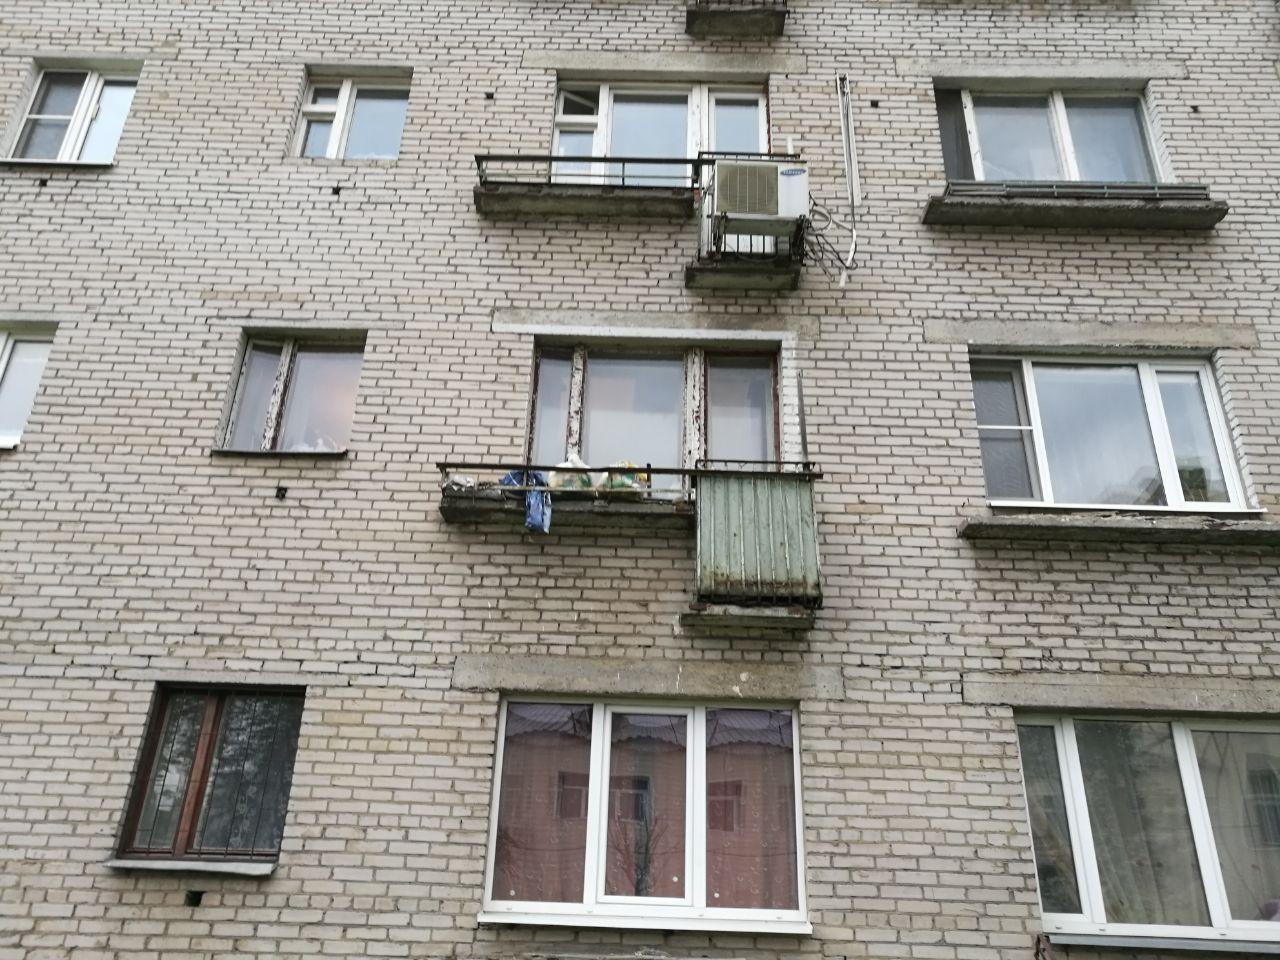 Молодые мужик висит на балконе фото изнутри как член